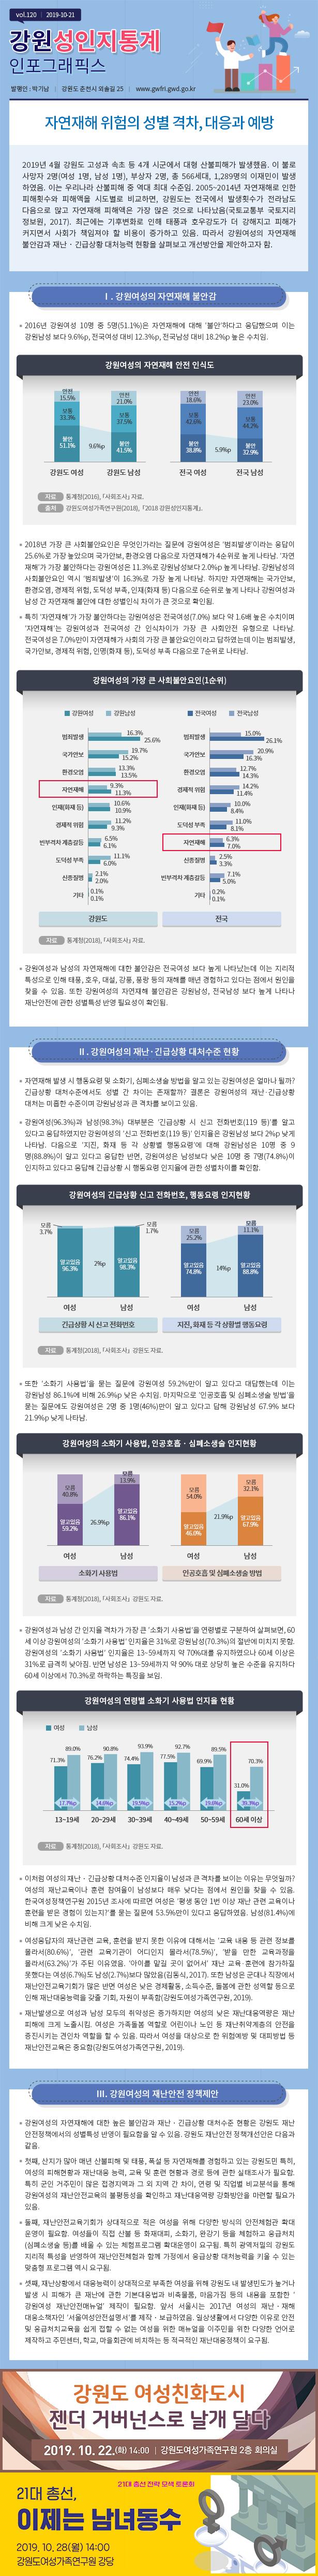 강원도여성가족연구원 성인지통계 vol.120